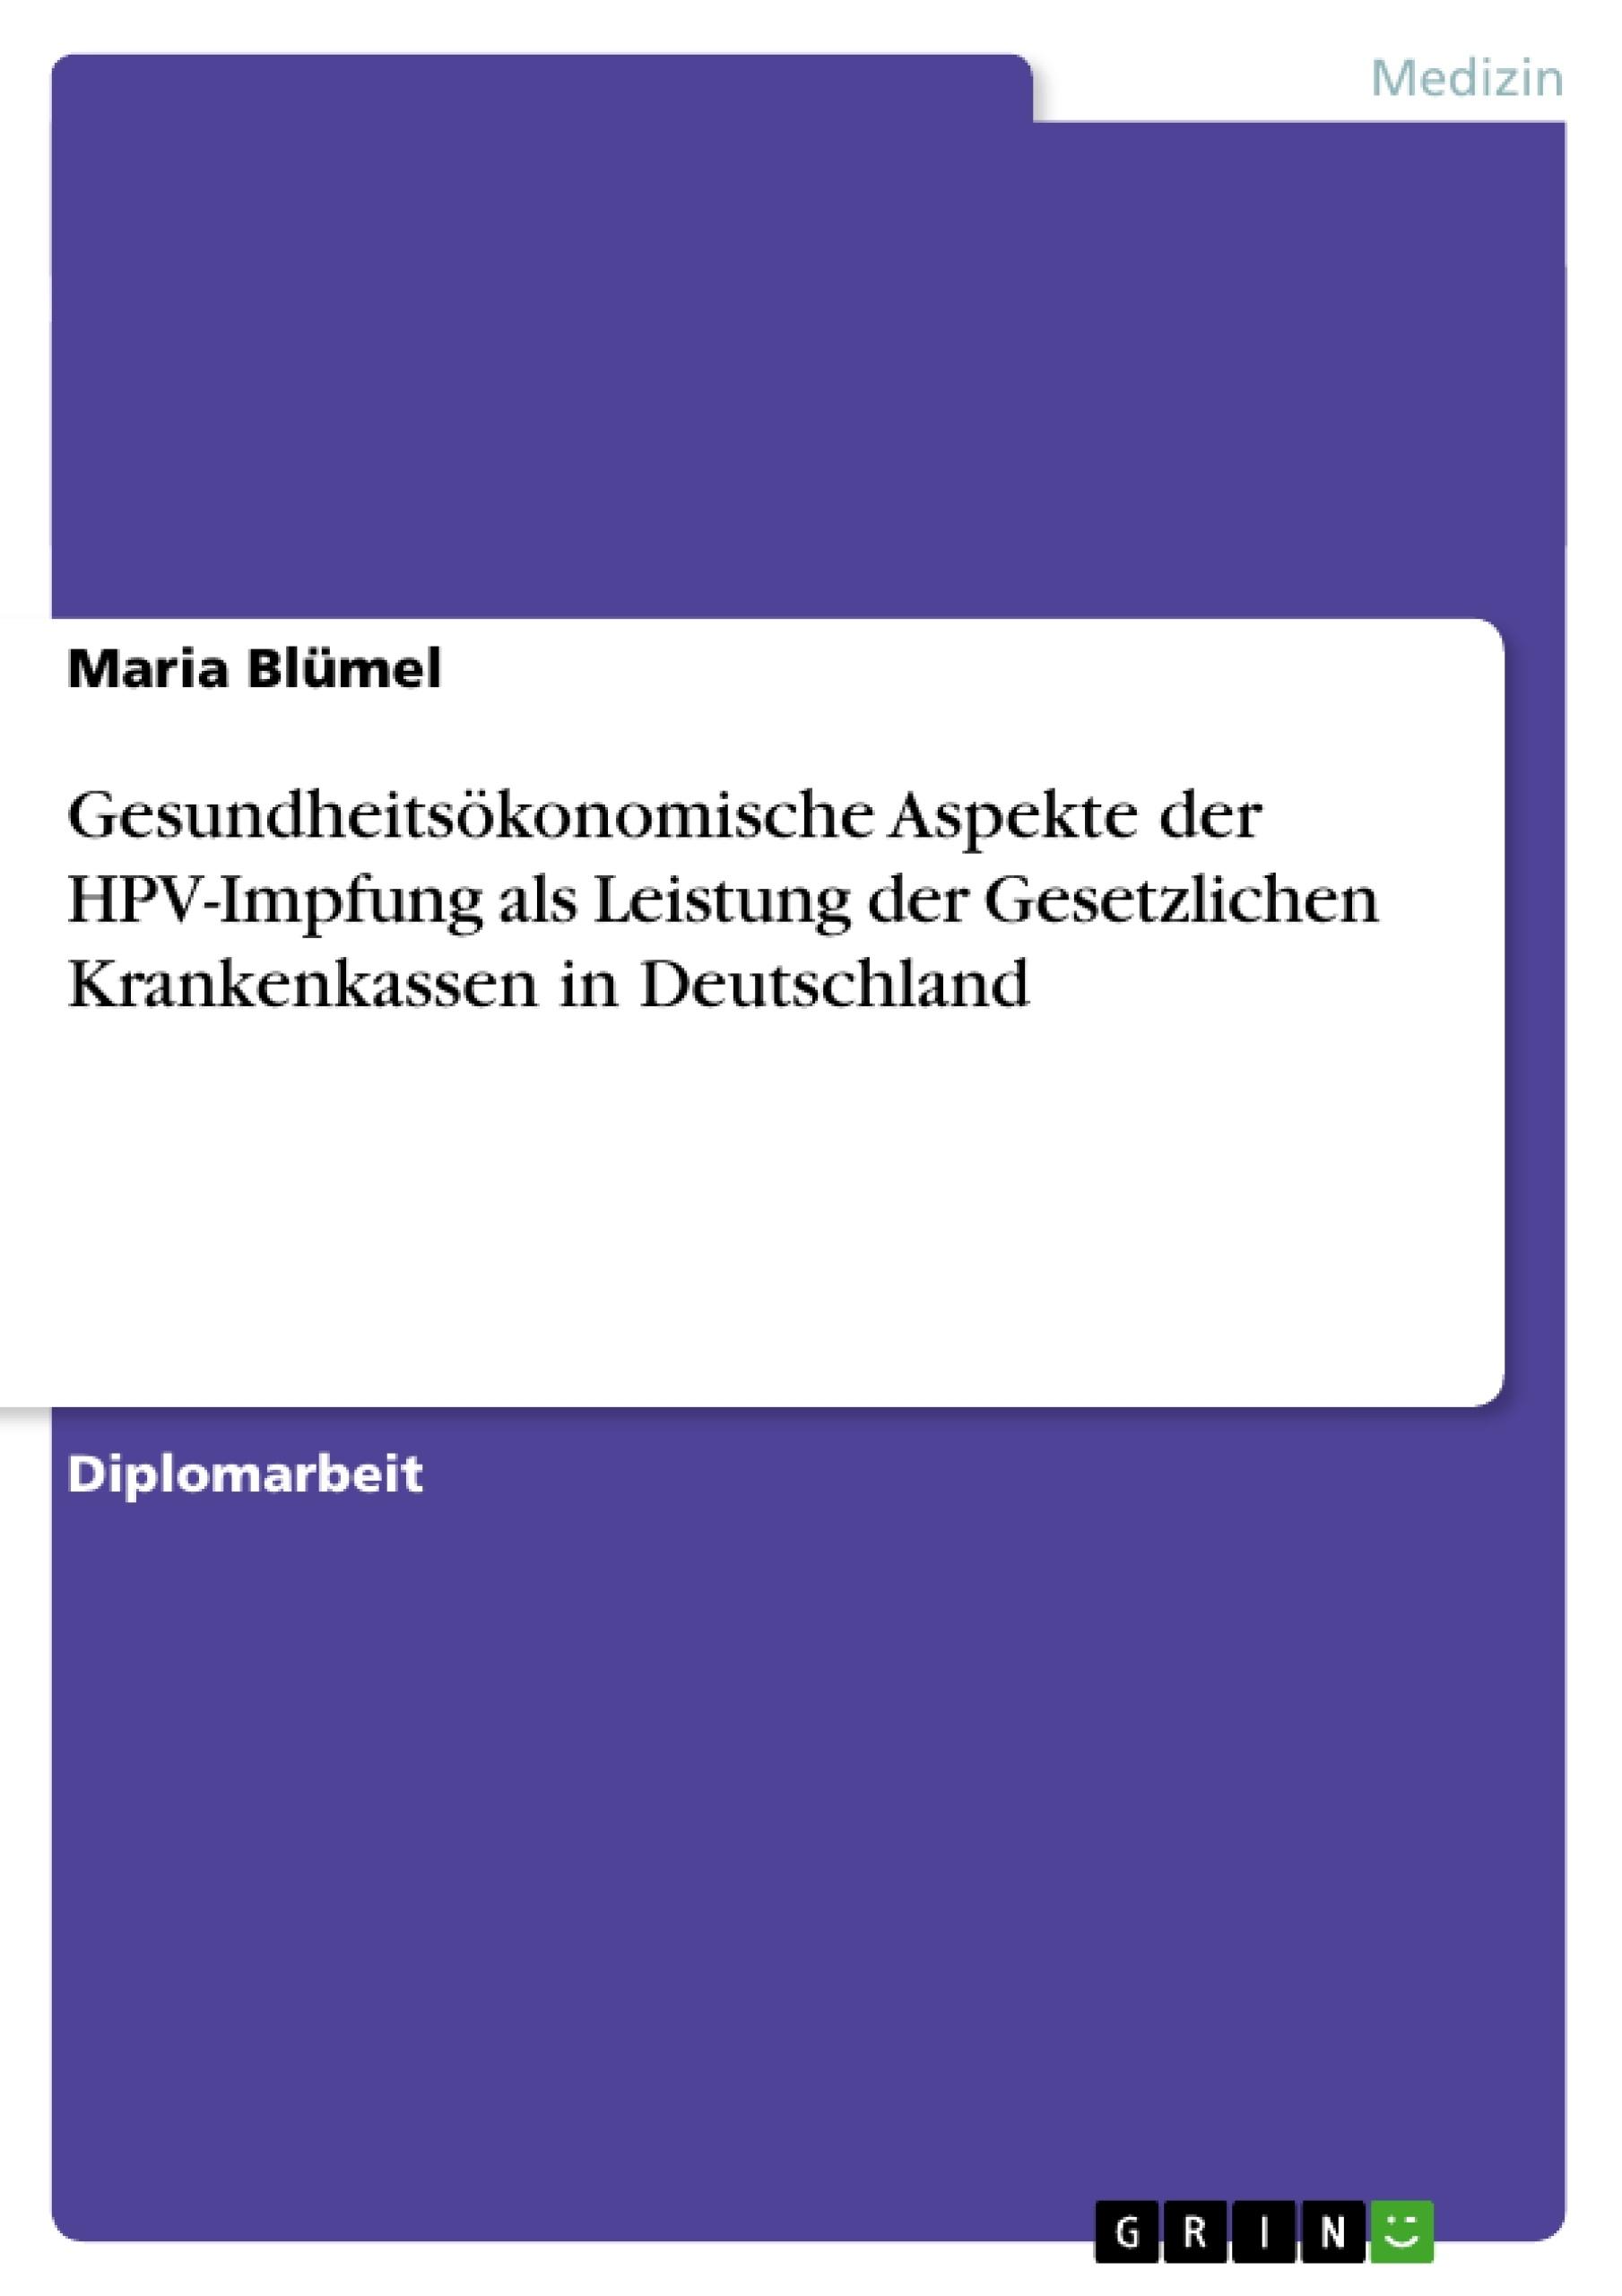 hpv impfung epilepsie papillomas icd 10